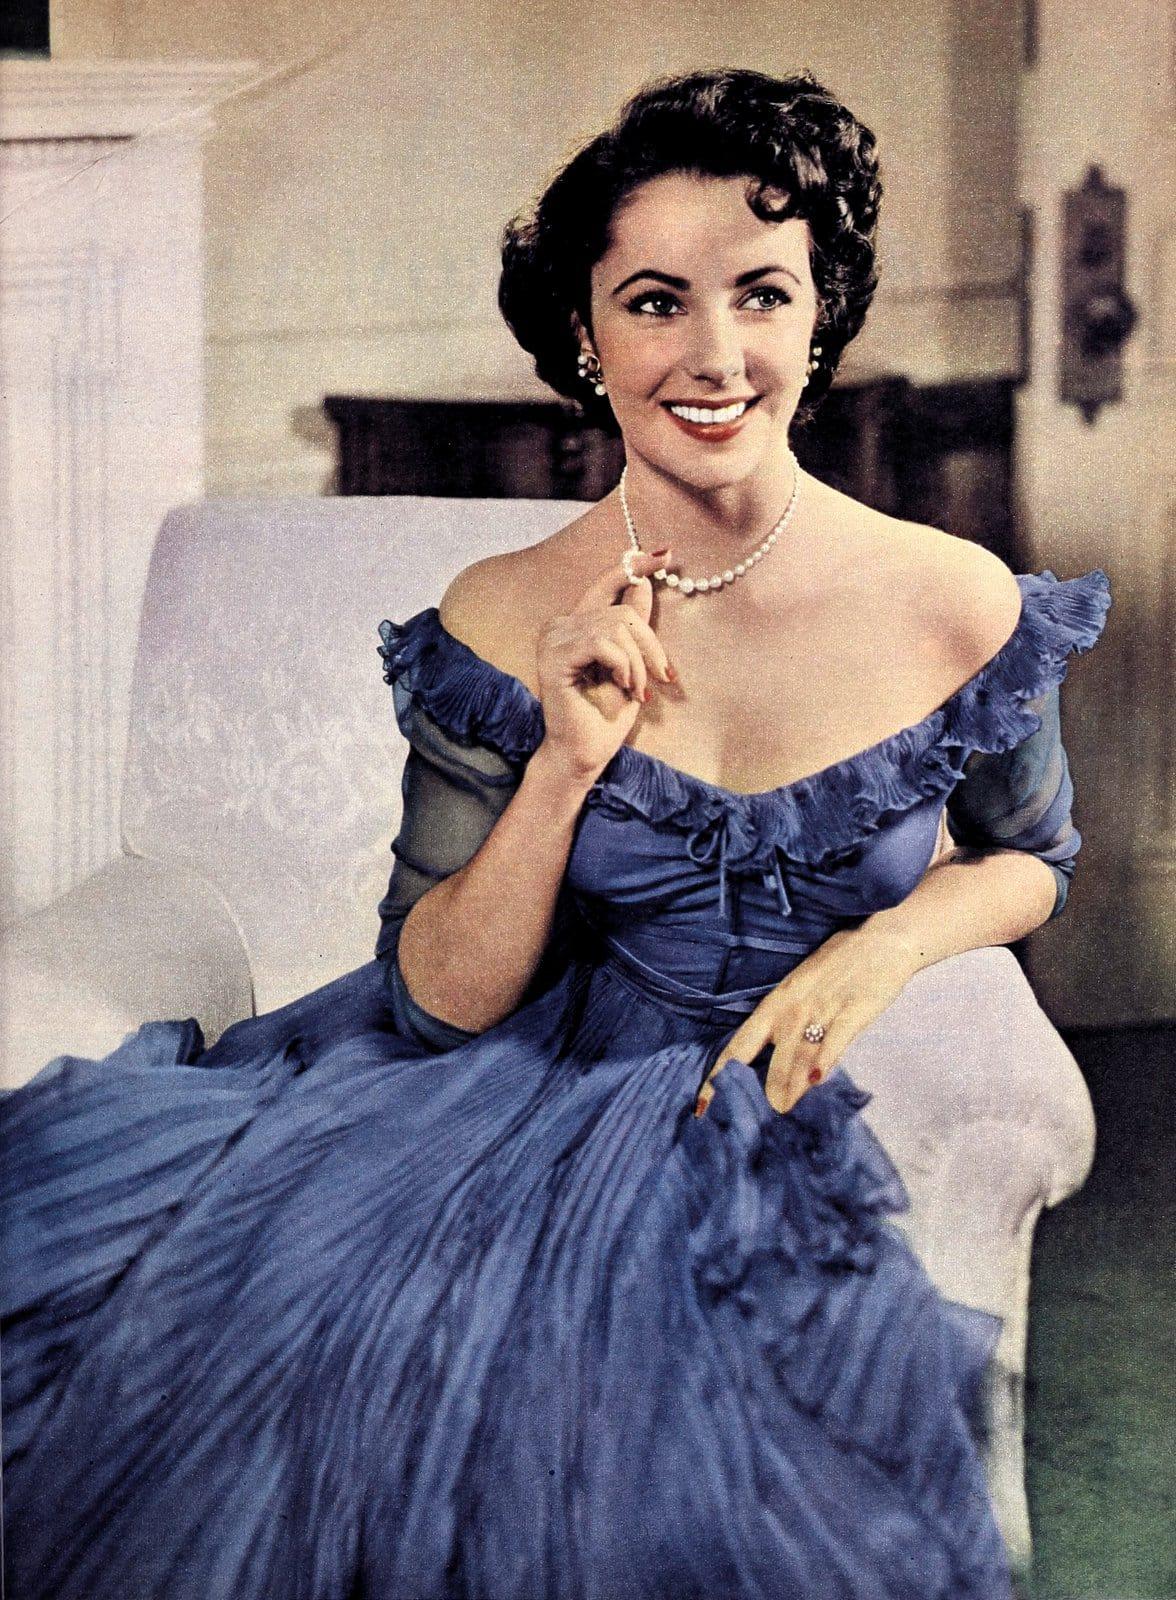 Vintage actress Elizabeth Taylor